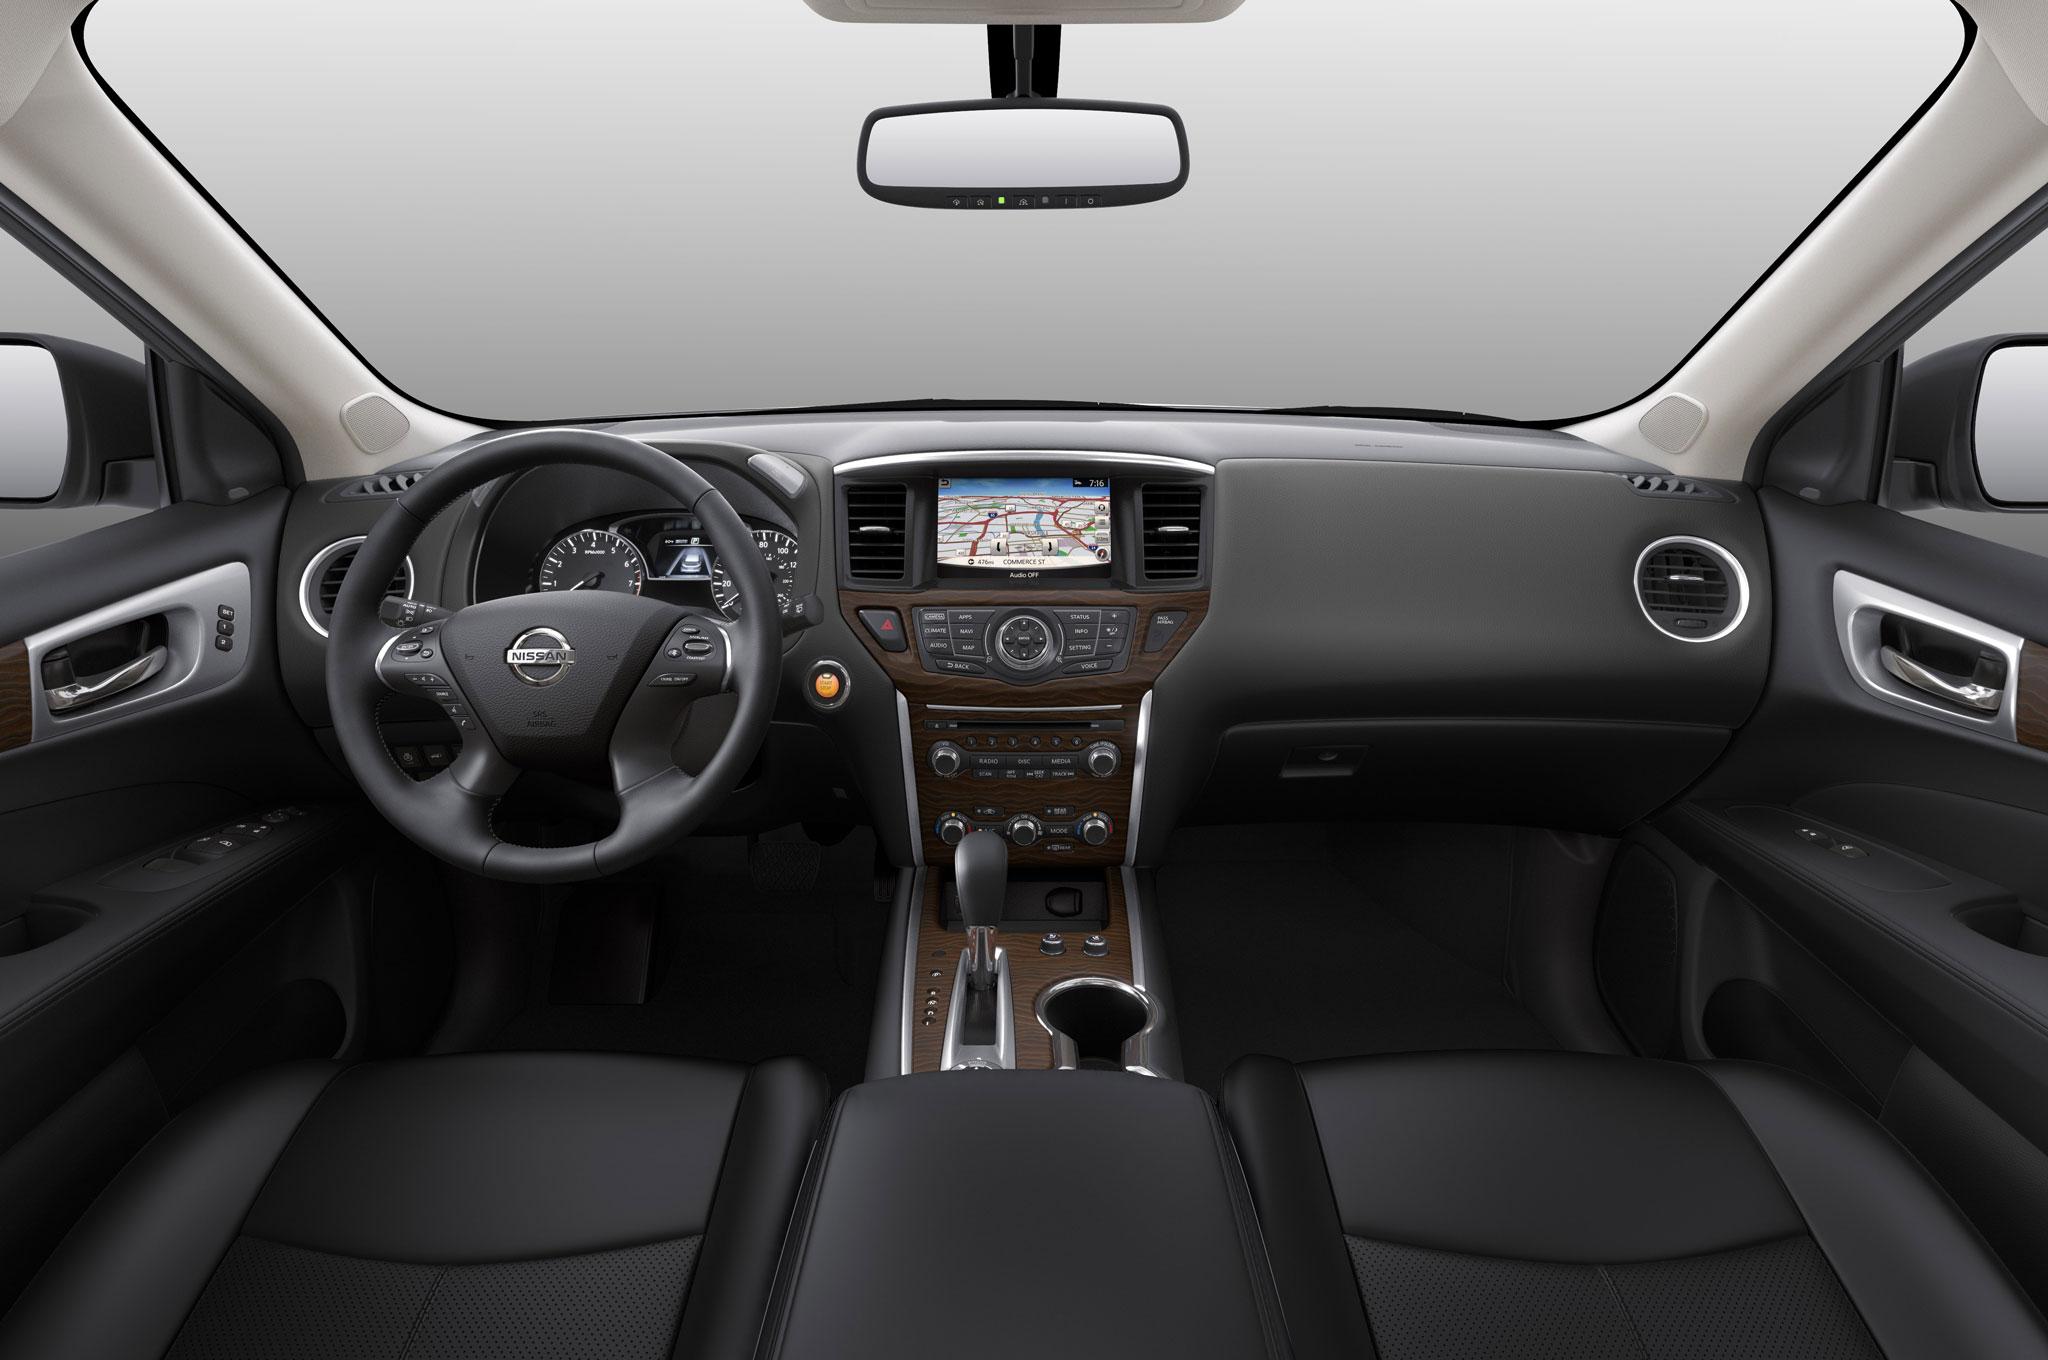 2017 nissan pathfinder interior dashboard 11